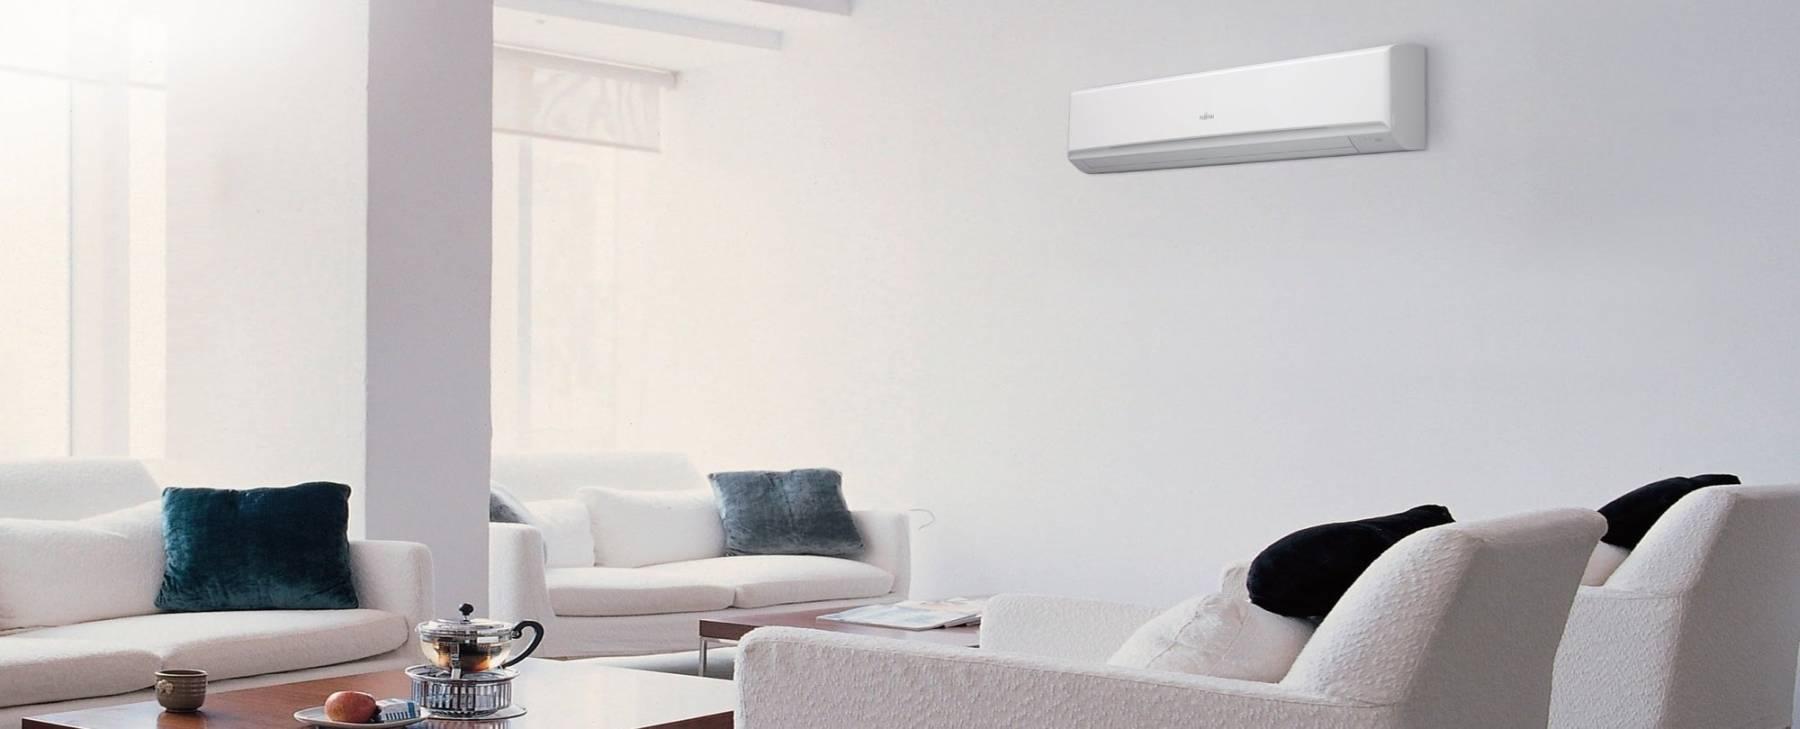 klimatyzacja dla domu - erco-lodz.pl